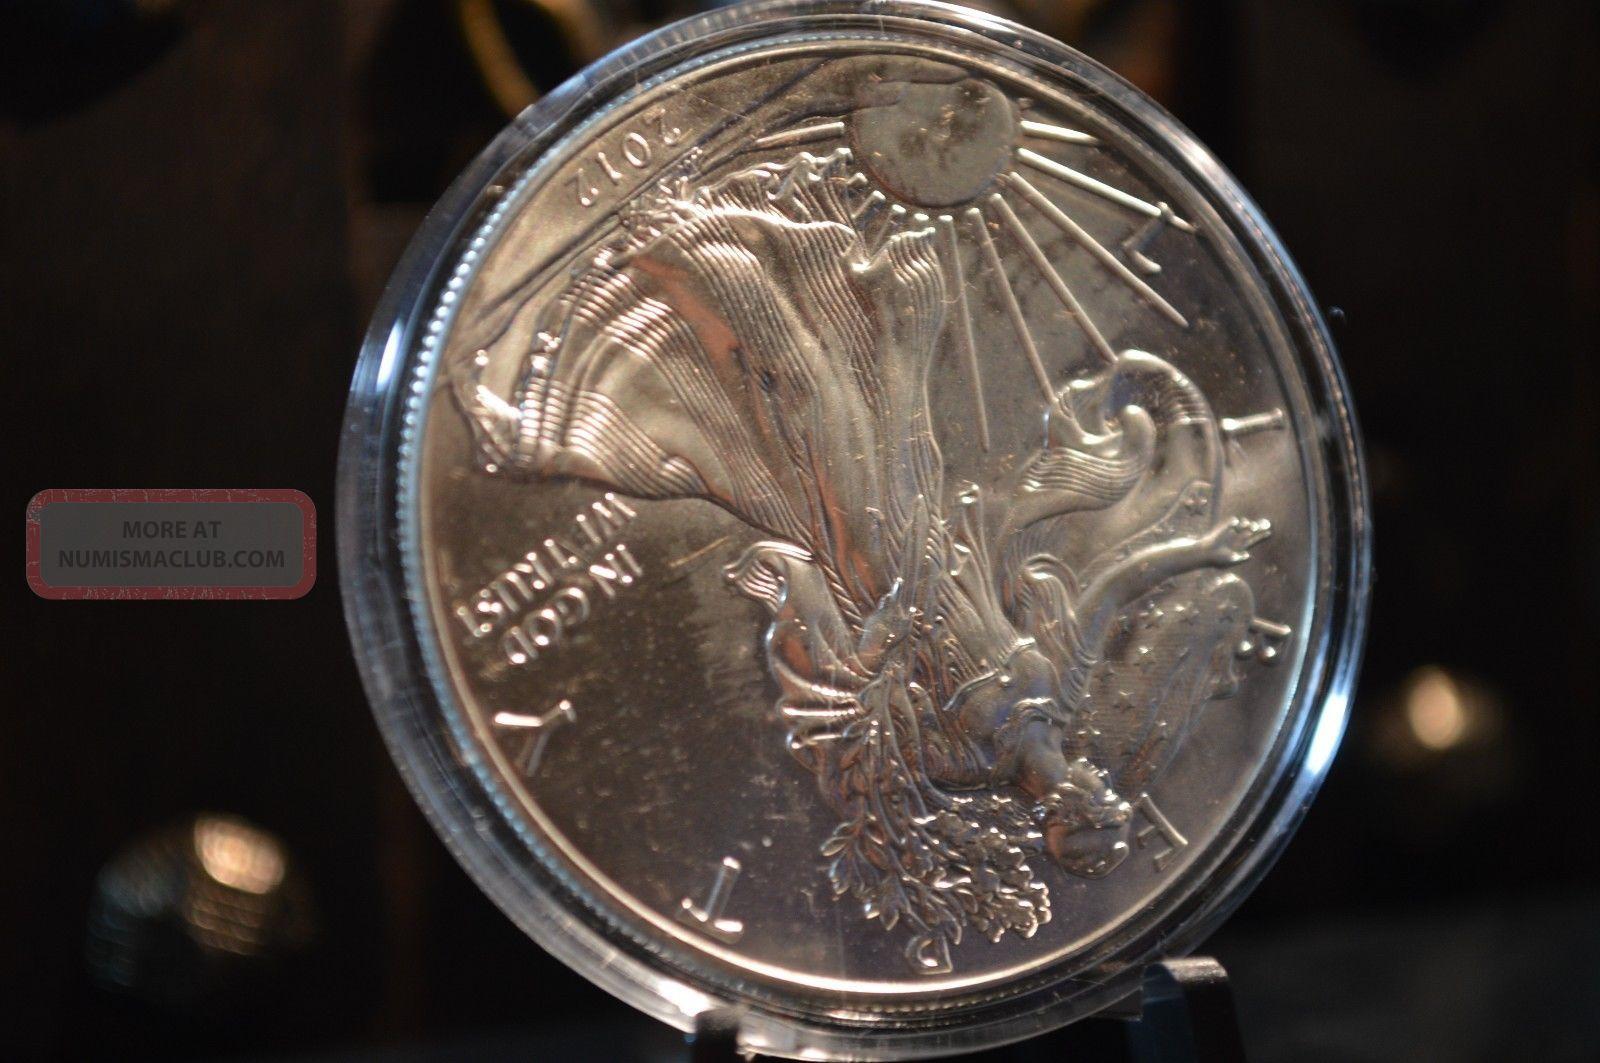 2012 Silver American Eagle 1 Oz Bu 999 Fine Silver Coin 1